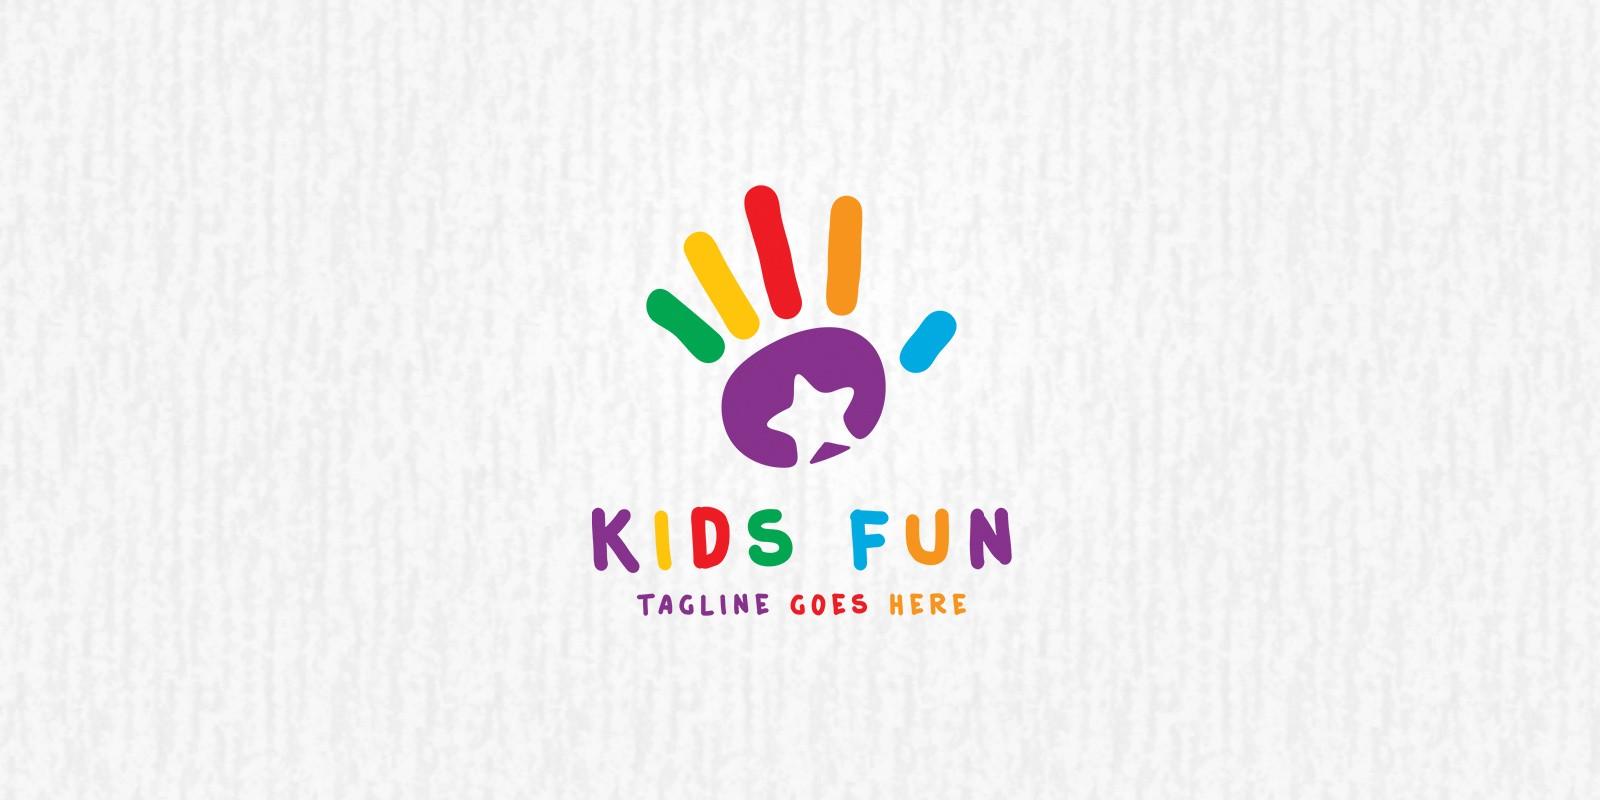 Kids Fun - Logo Template